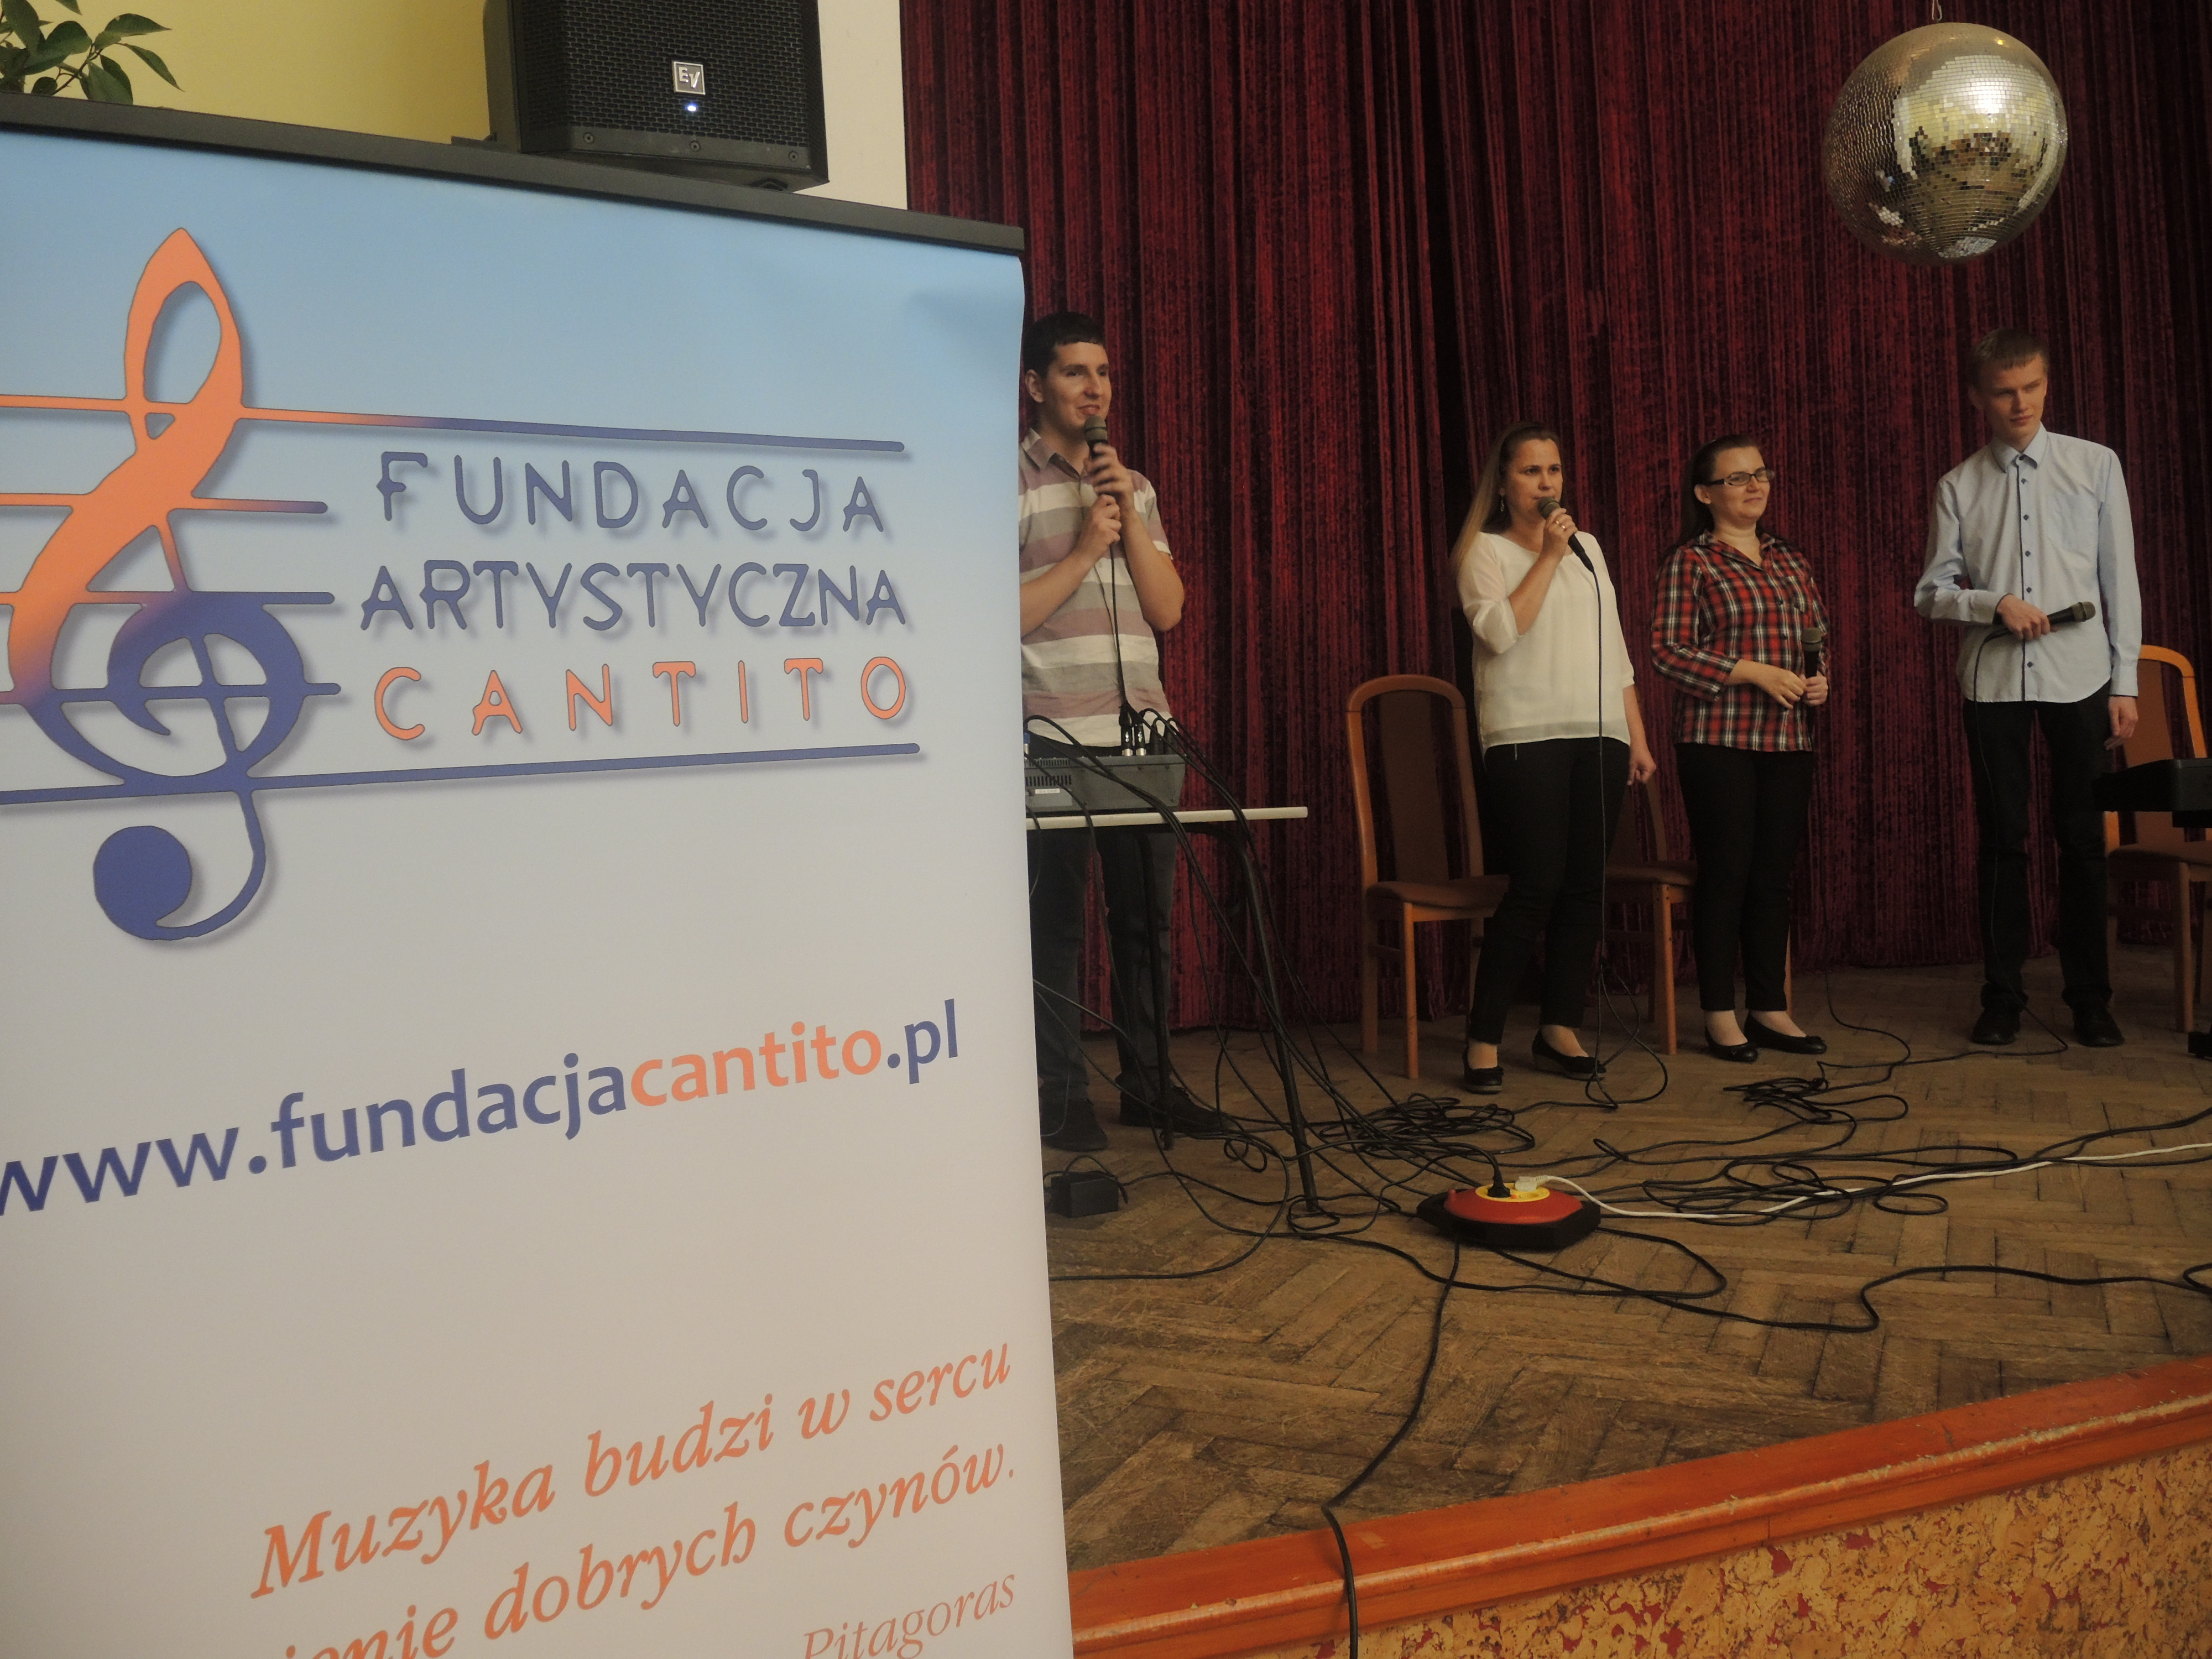 Cztery osoby (dwóch mężczyzn, dwie kobiety) stoją na scenie, uśmiechają się, w dłoniach trzymają mikrofony. Pod sceną, po prawej stronie, stoi roll up fundacji.